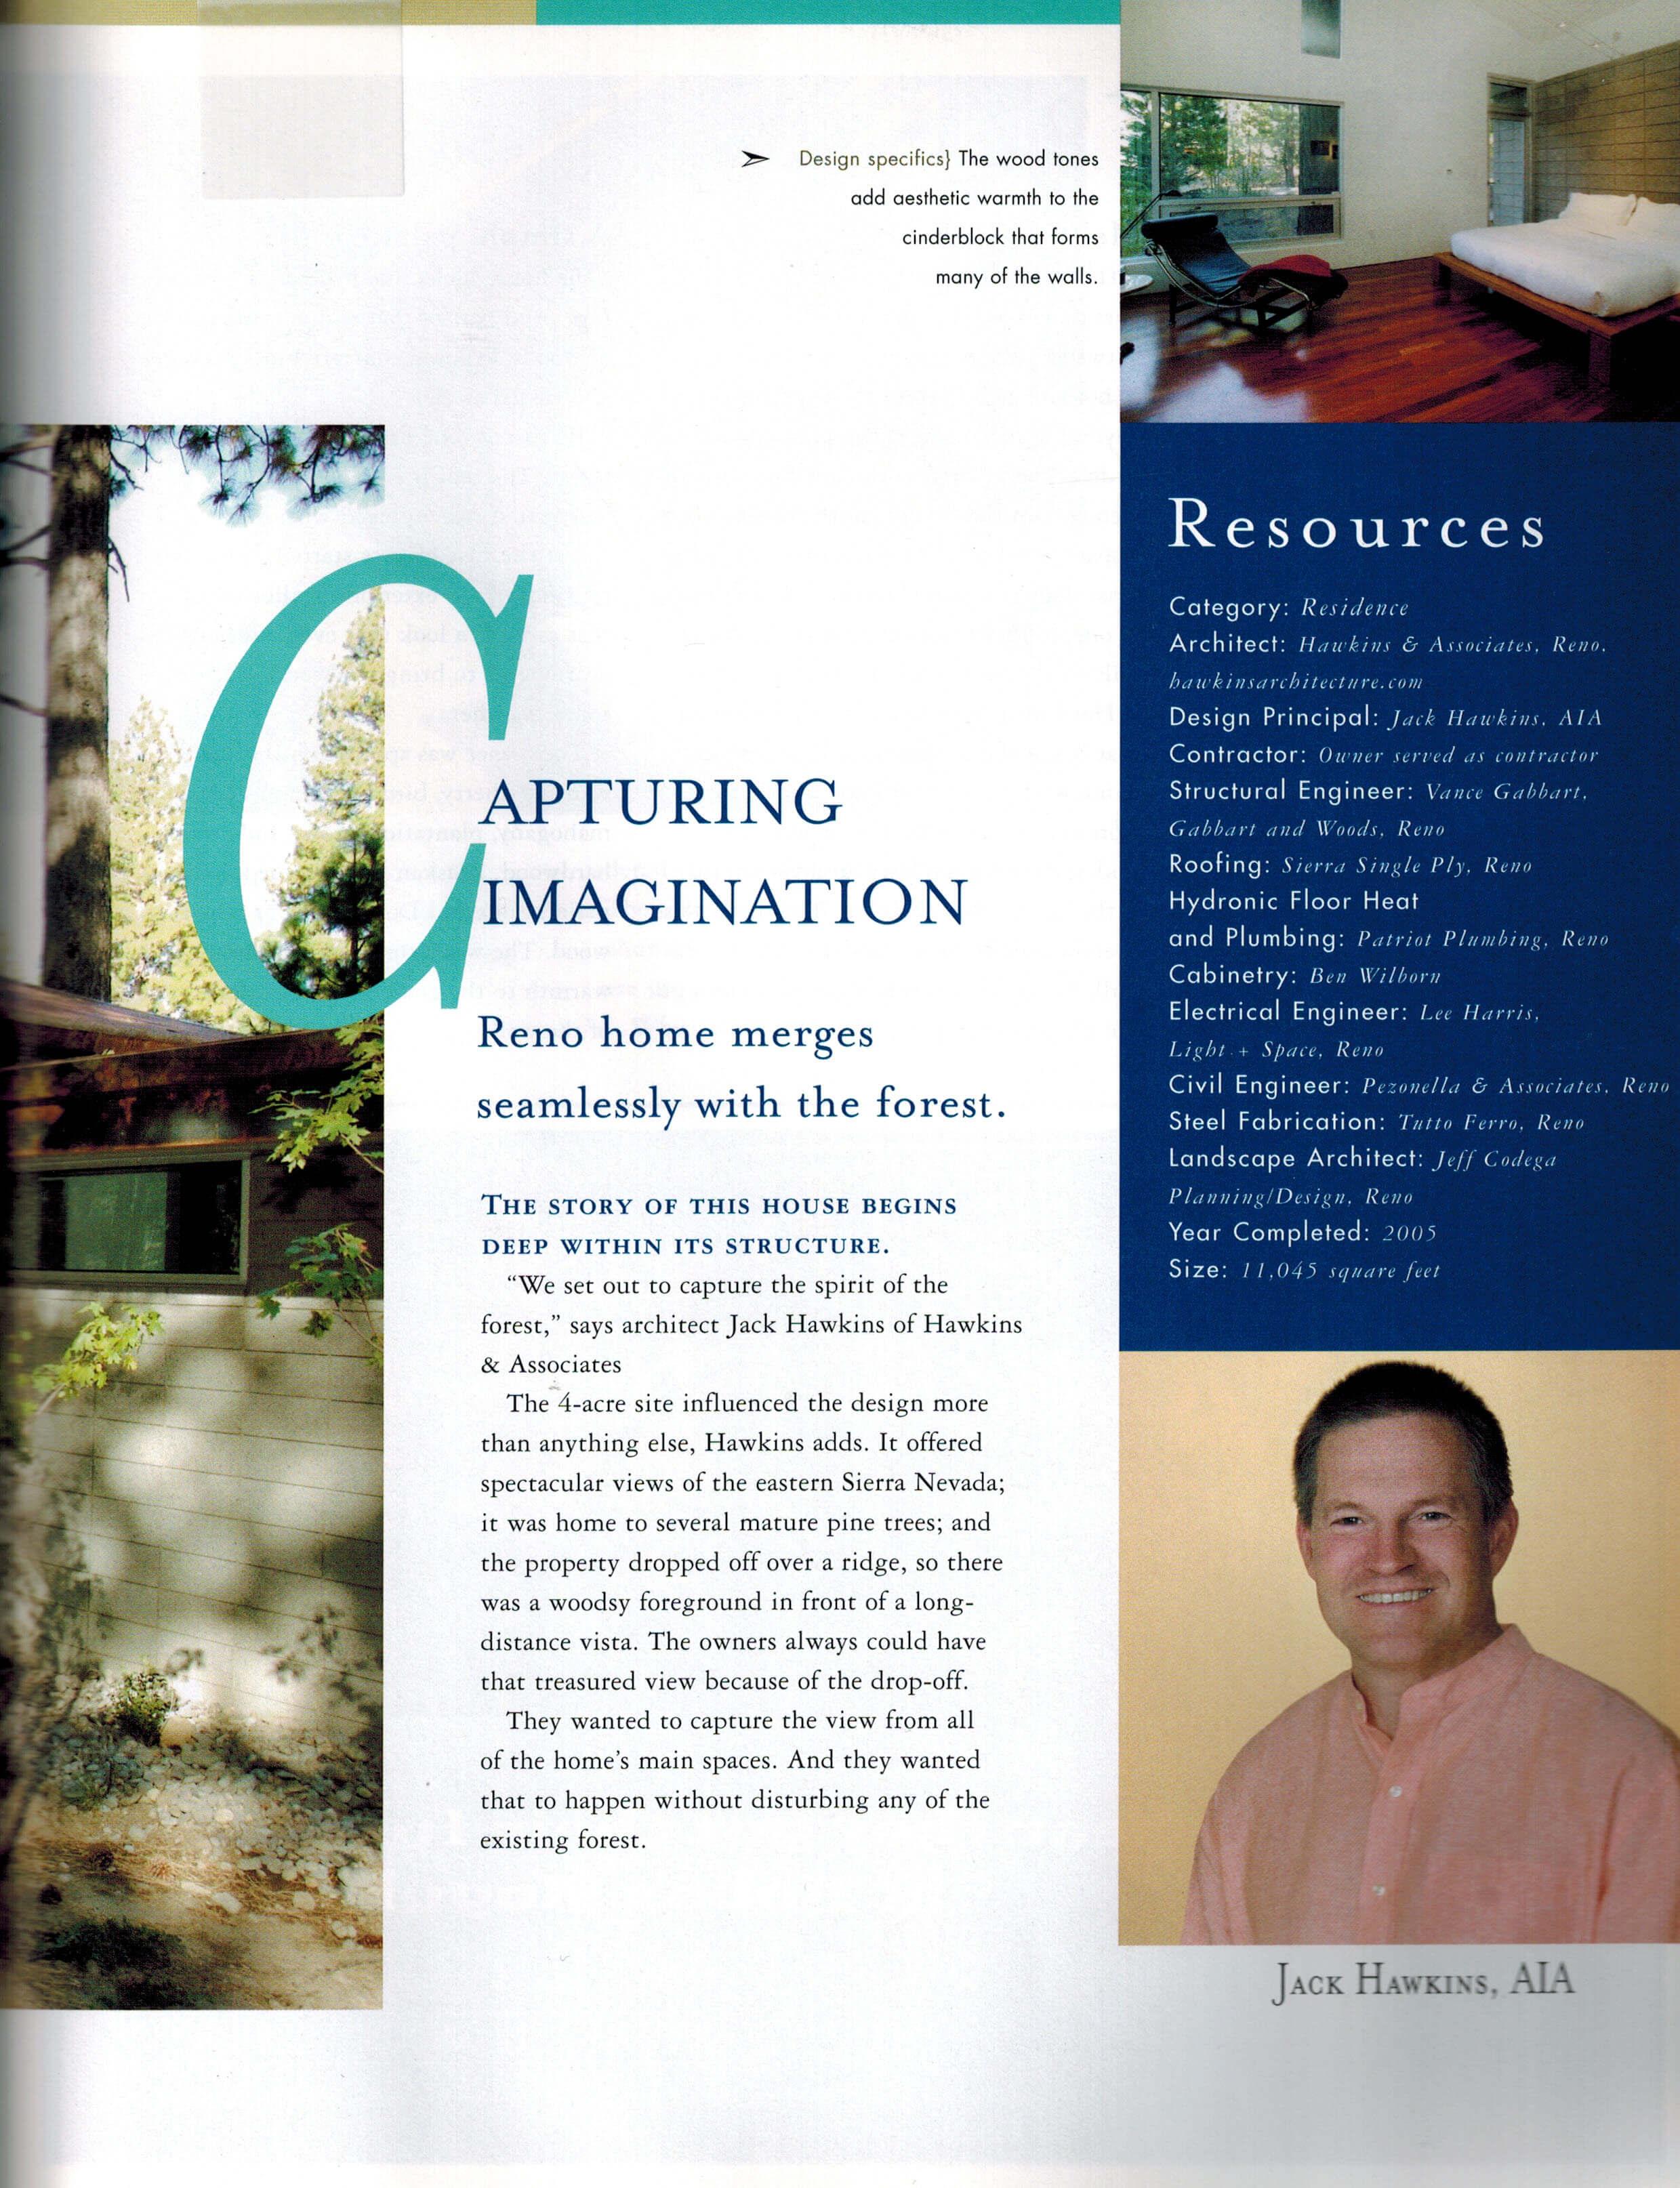 Reno Magazine Architecture Design Awards 2007_Page_3